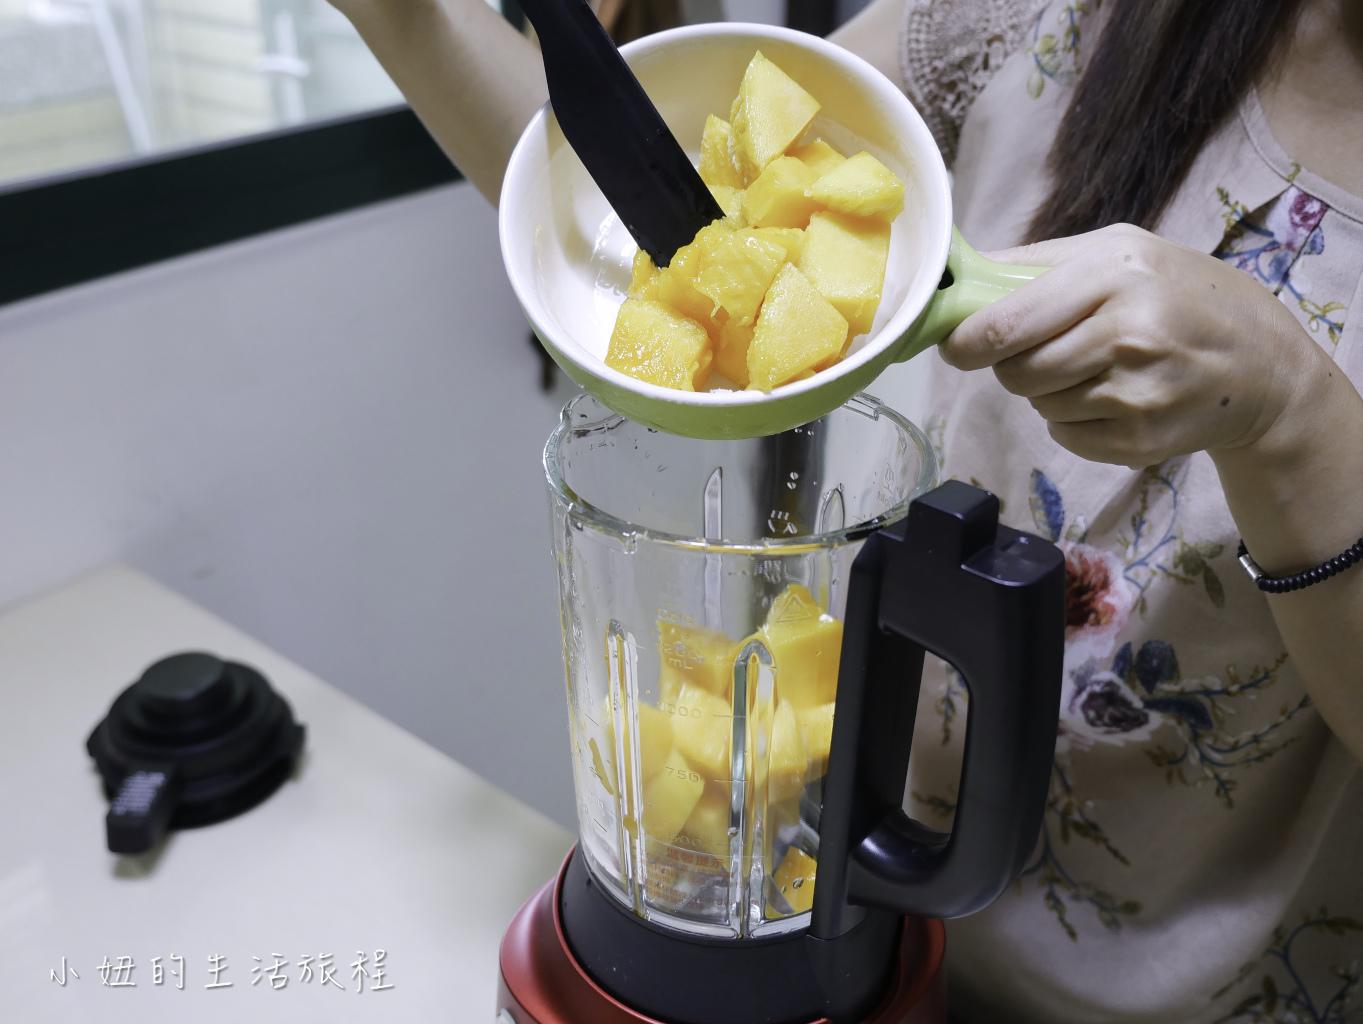 Tefal法國特福高速熱能營養調理機-15.jpg